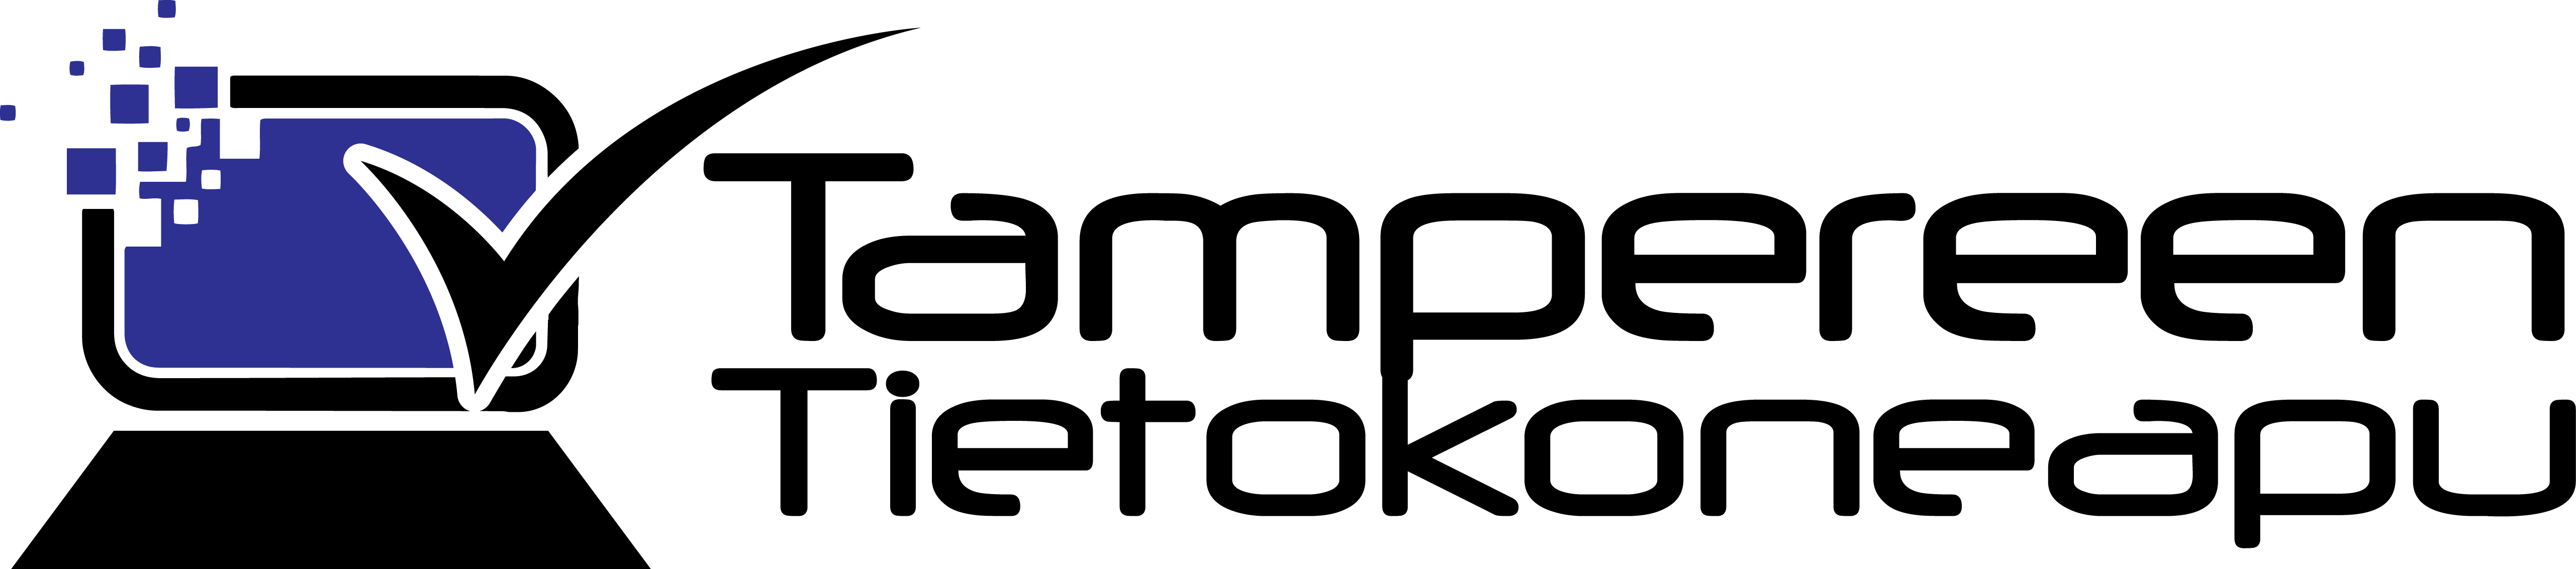 Elektroniikka-apua järkevään hintaan! – Tampereen Tietokoneapu